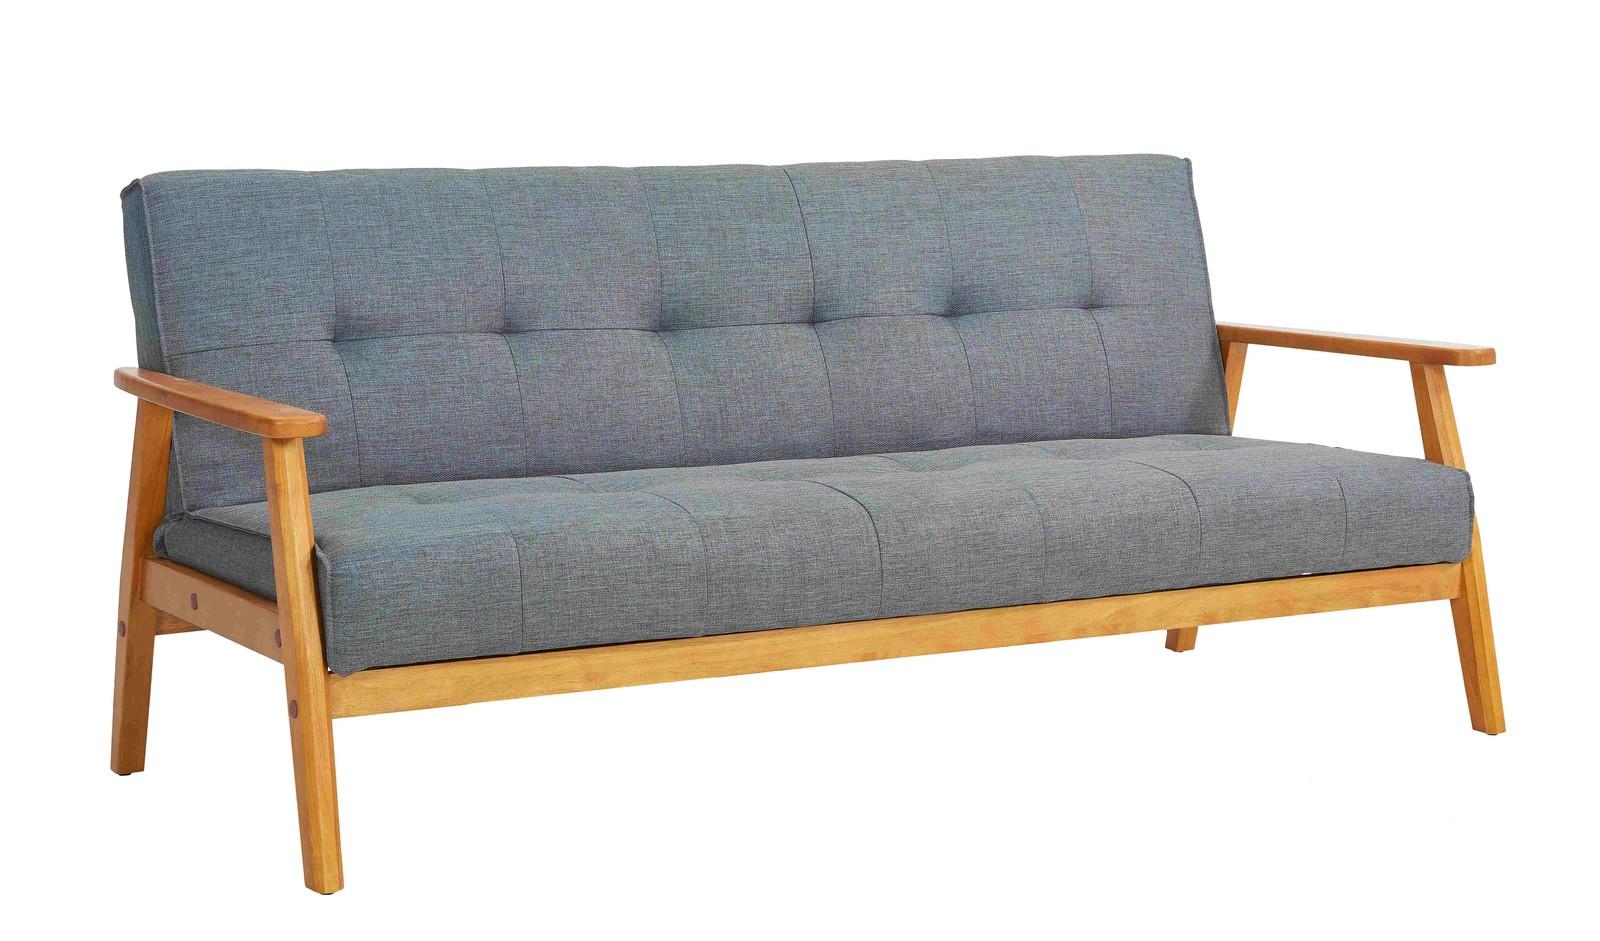 Full Size of Couch Ausklappbar Sofa Grun Skandinavisch Caseconradcom Bett Ausklappbares Wohnzimmer Couch Ausklappbar